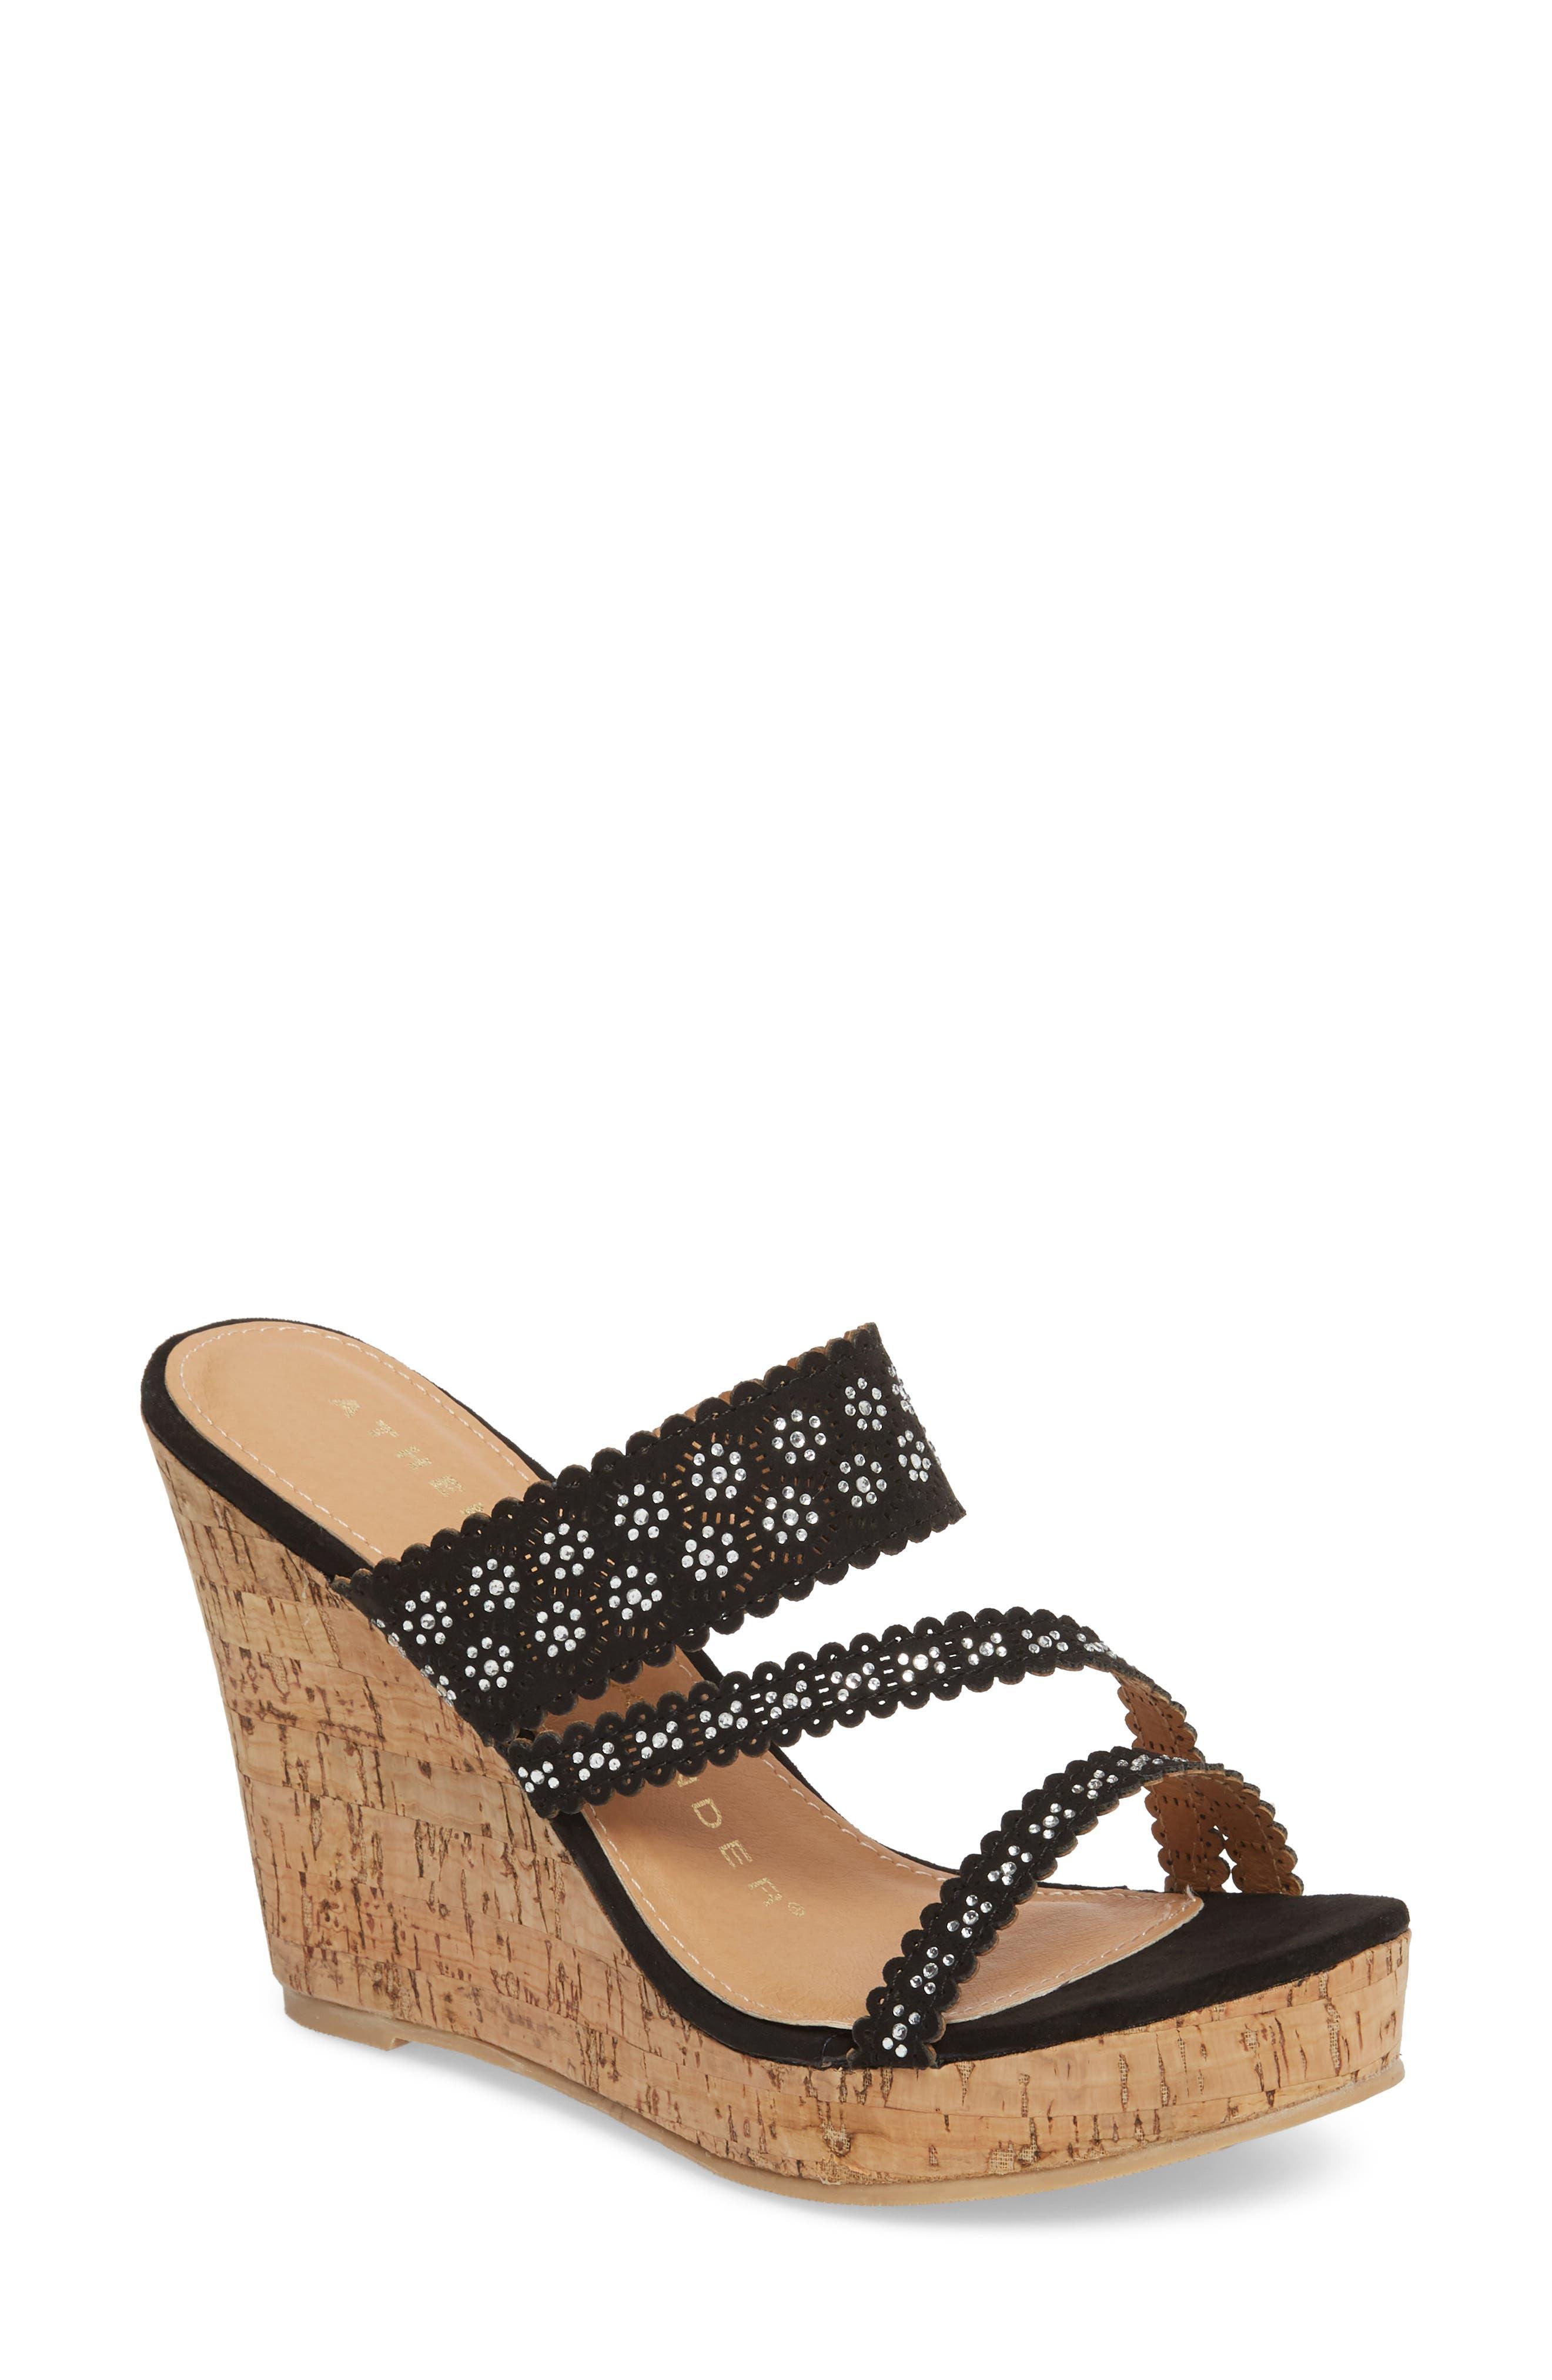 Athena Alexander Aerin Embellished Wedge Sandal (Women)